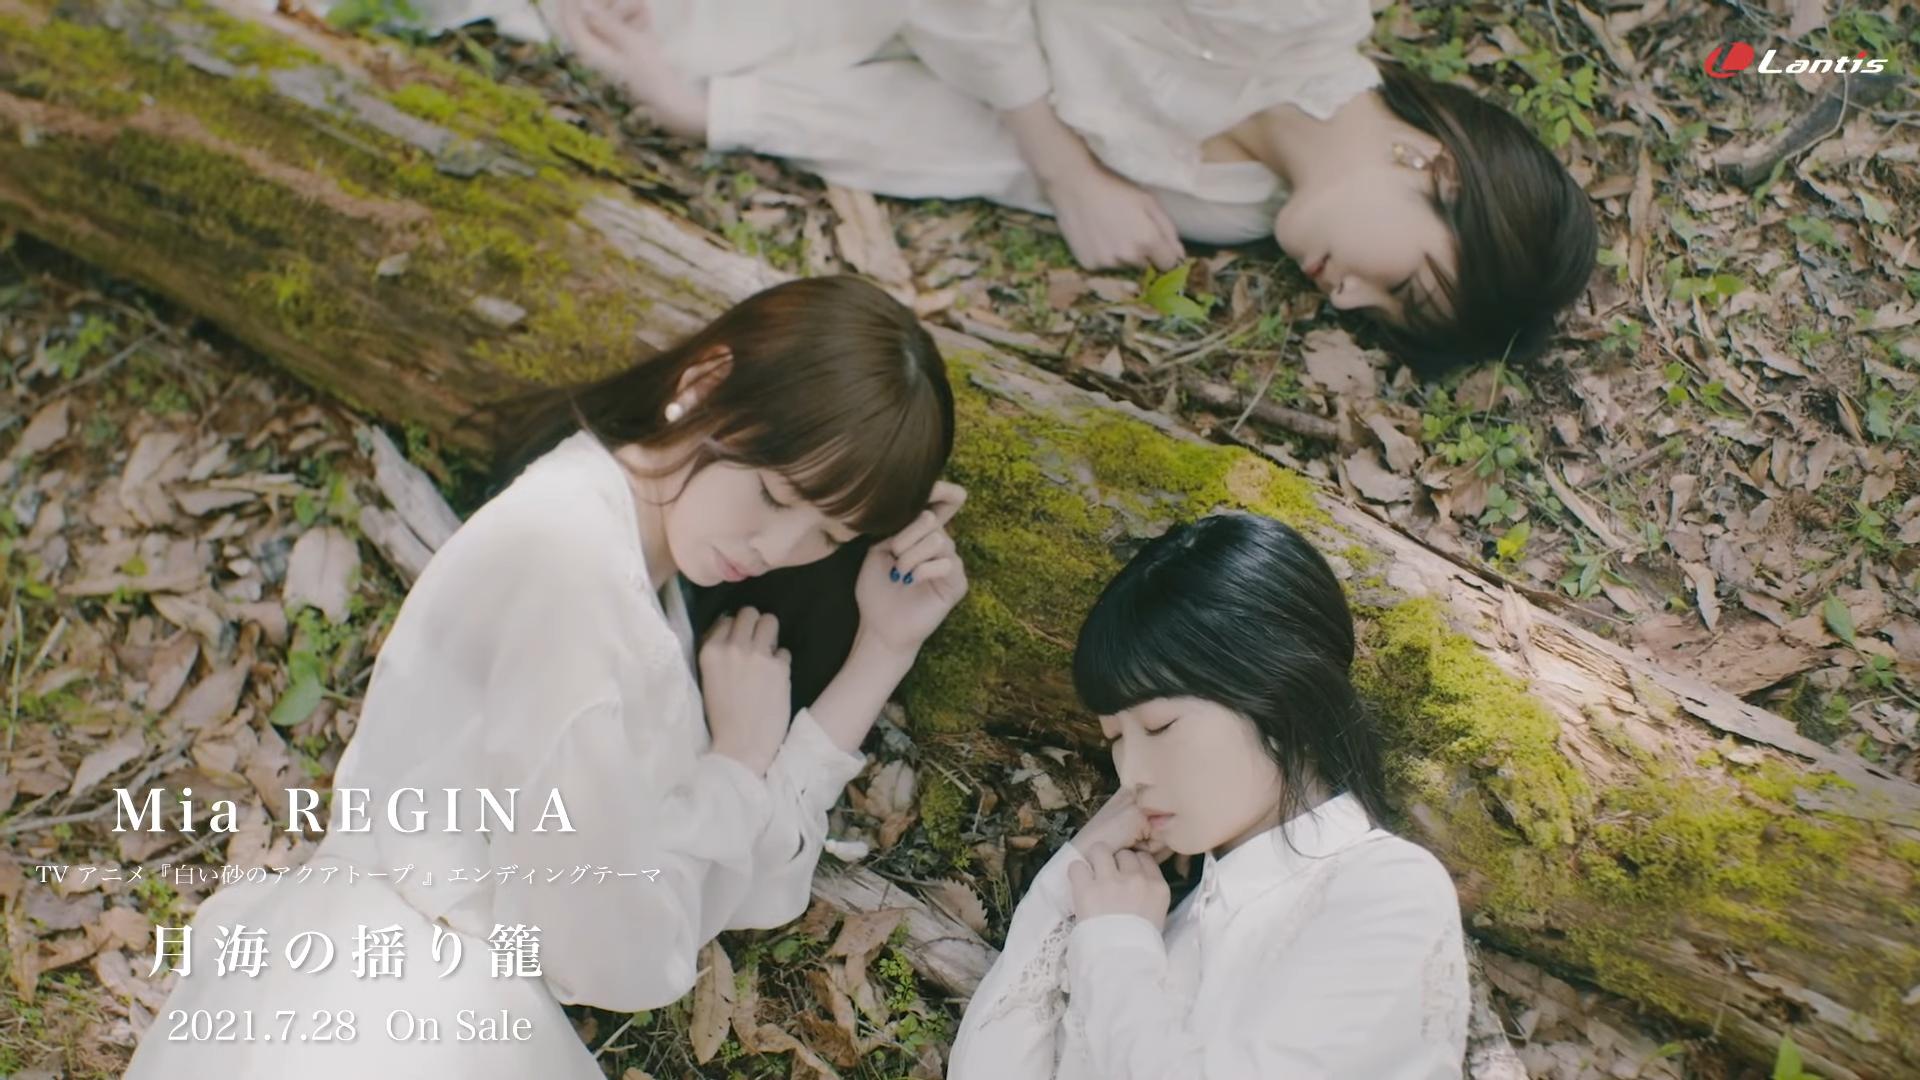 三人女子團體Mia REGINA公開新曲「月海の揺り籠」MV 為夏季新番《白砂的Aquatope》ED曲